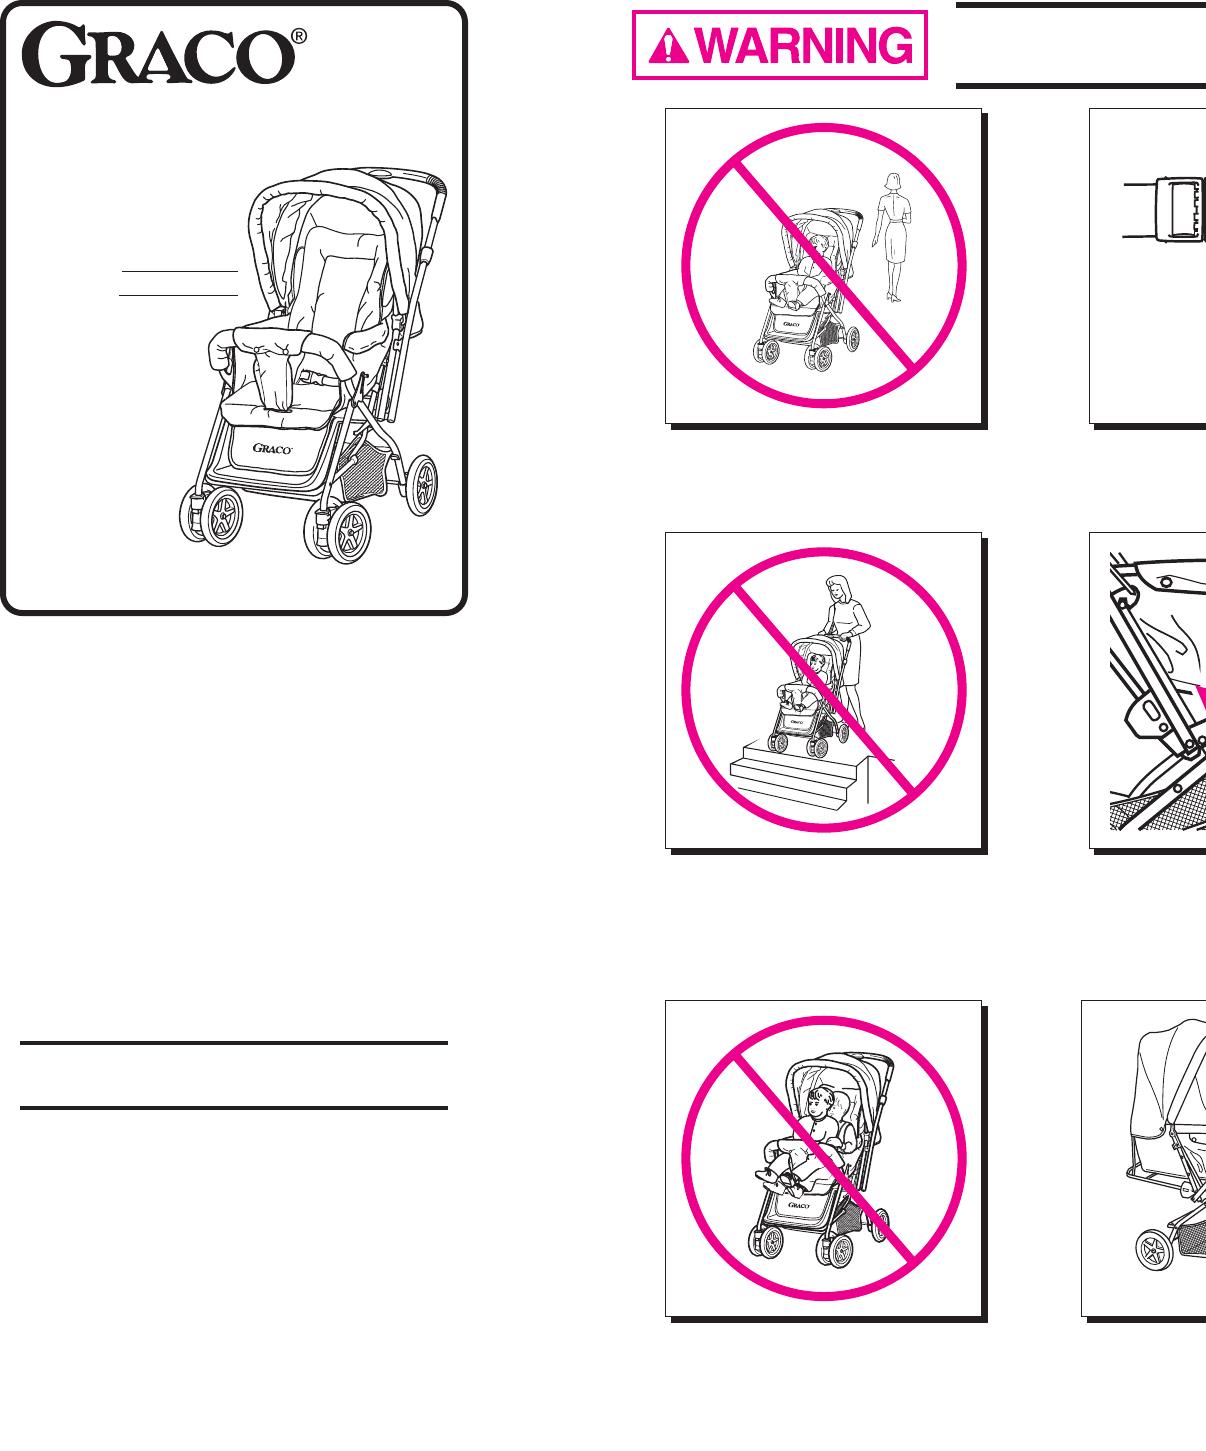 graco stroller 7225 user guide manualsonline com rh manualsonline com graco jogging stroller instruction manual graco modes stroller user manual